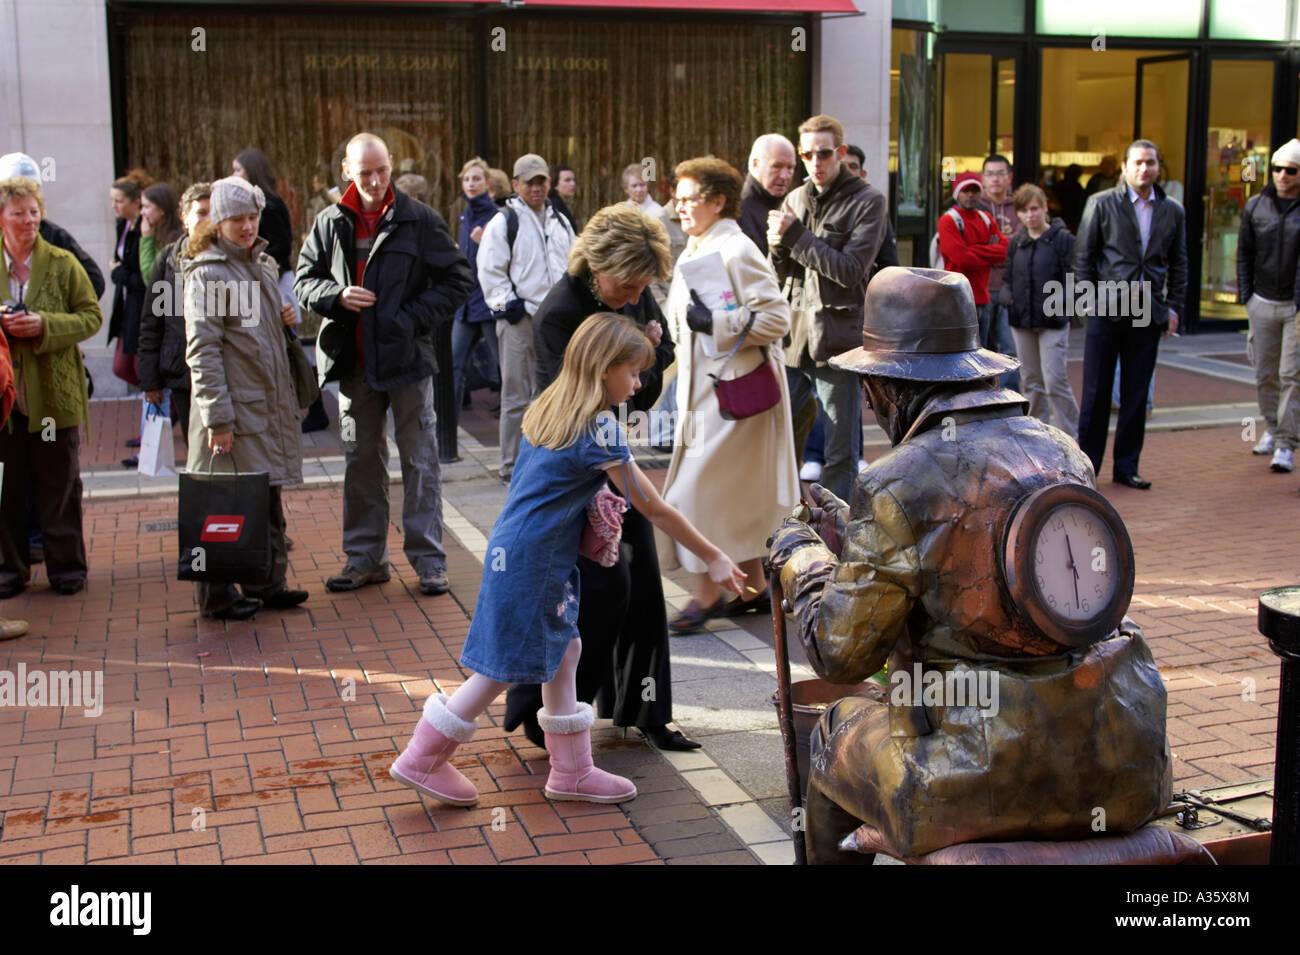 Les touristes se tenir autour de femme et de la jeune fille donnent de l'argent à street performer vêtue comme une statue de métal Banque D'Images